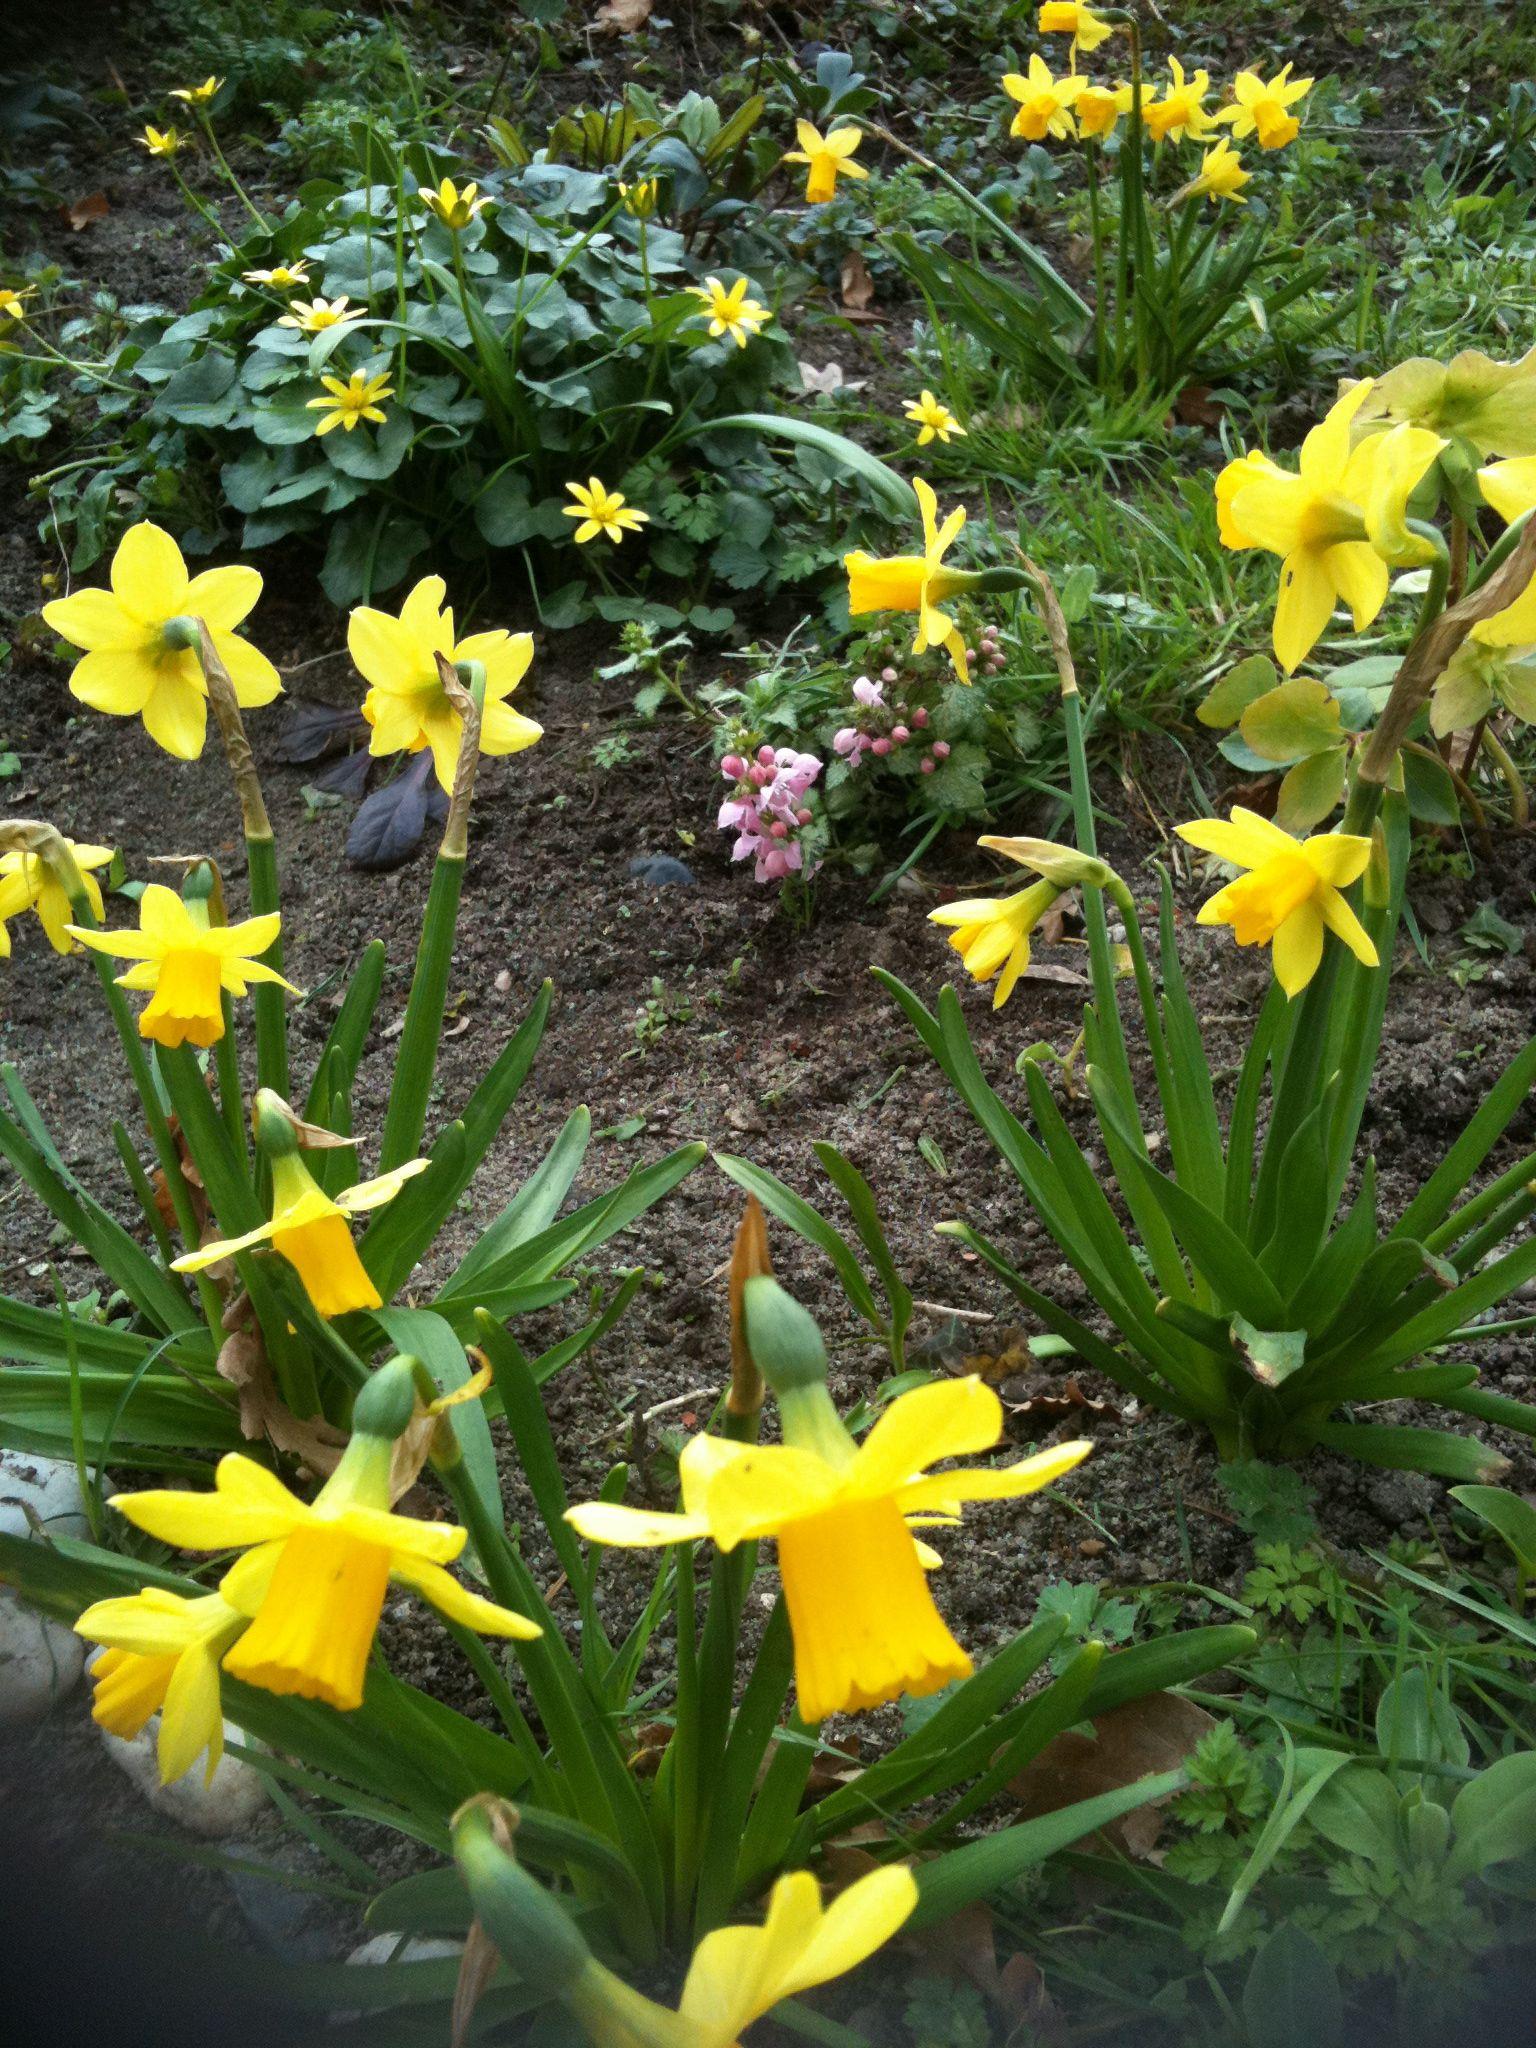 Narcisses têteàtête de notre jardin Bulbes de